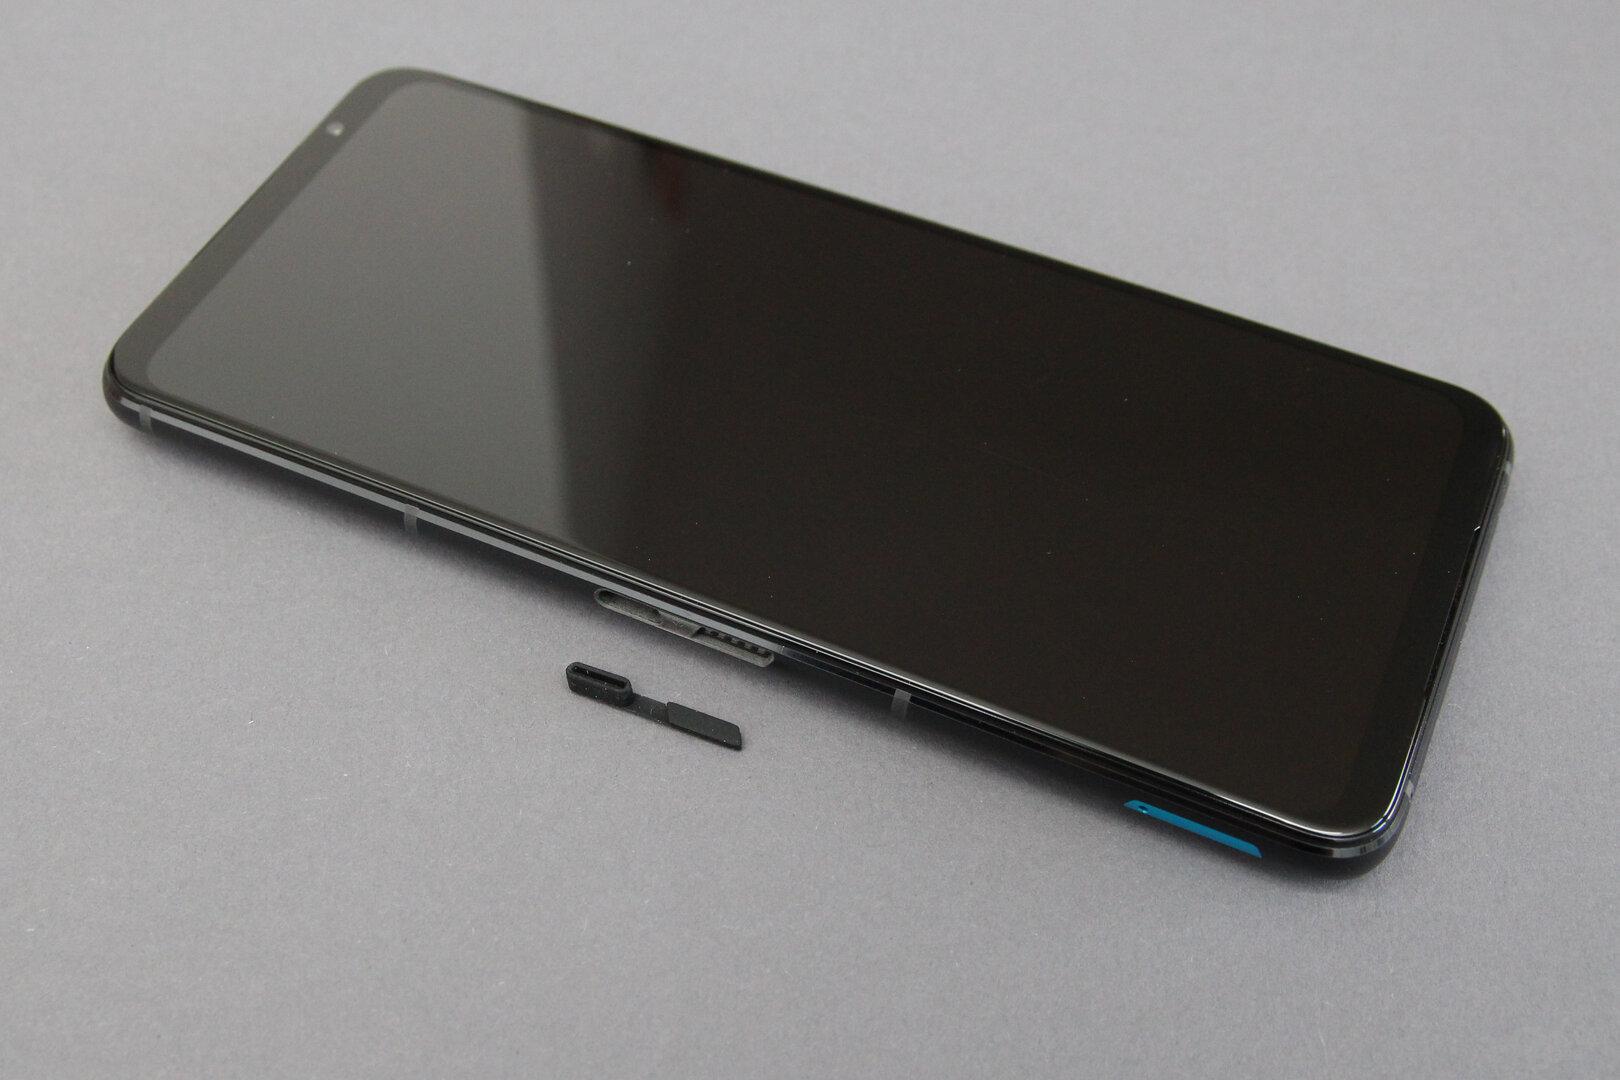 Asus ROG Phone 5 mit Gummiabdeckung an der Seite